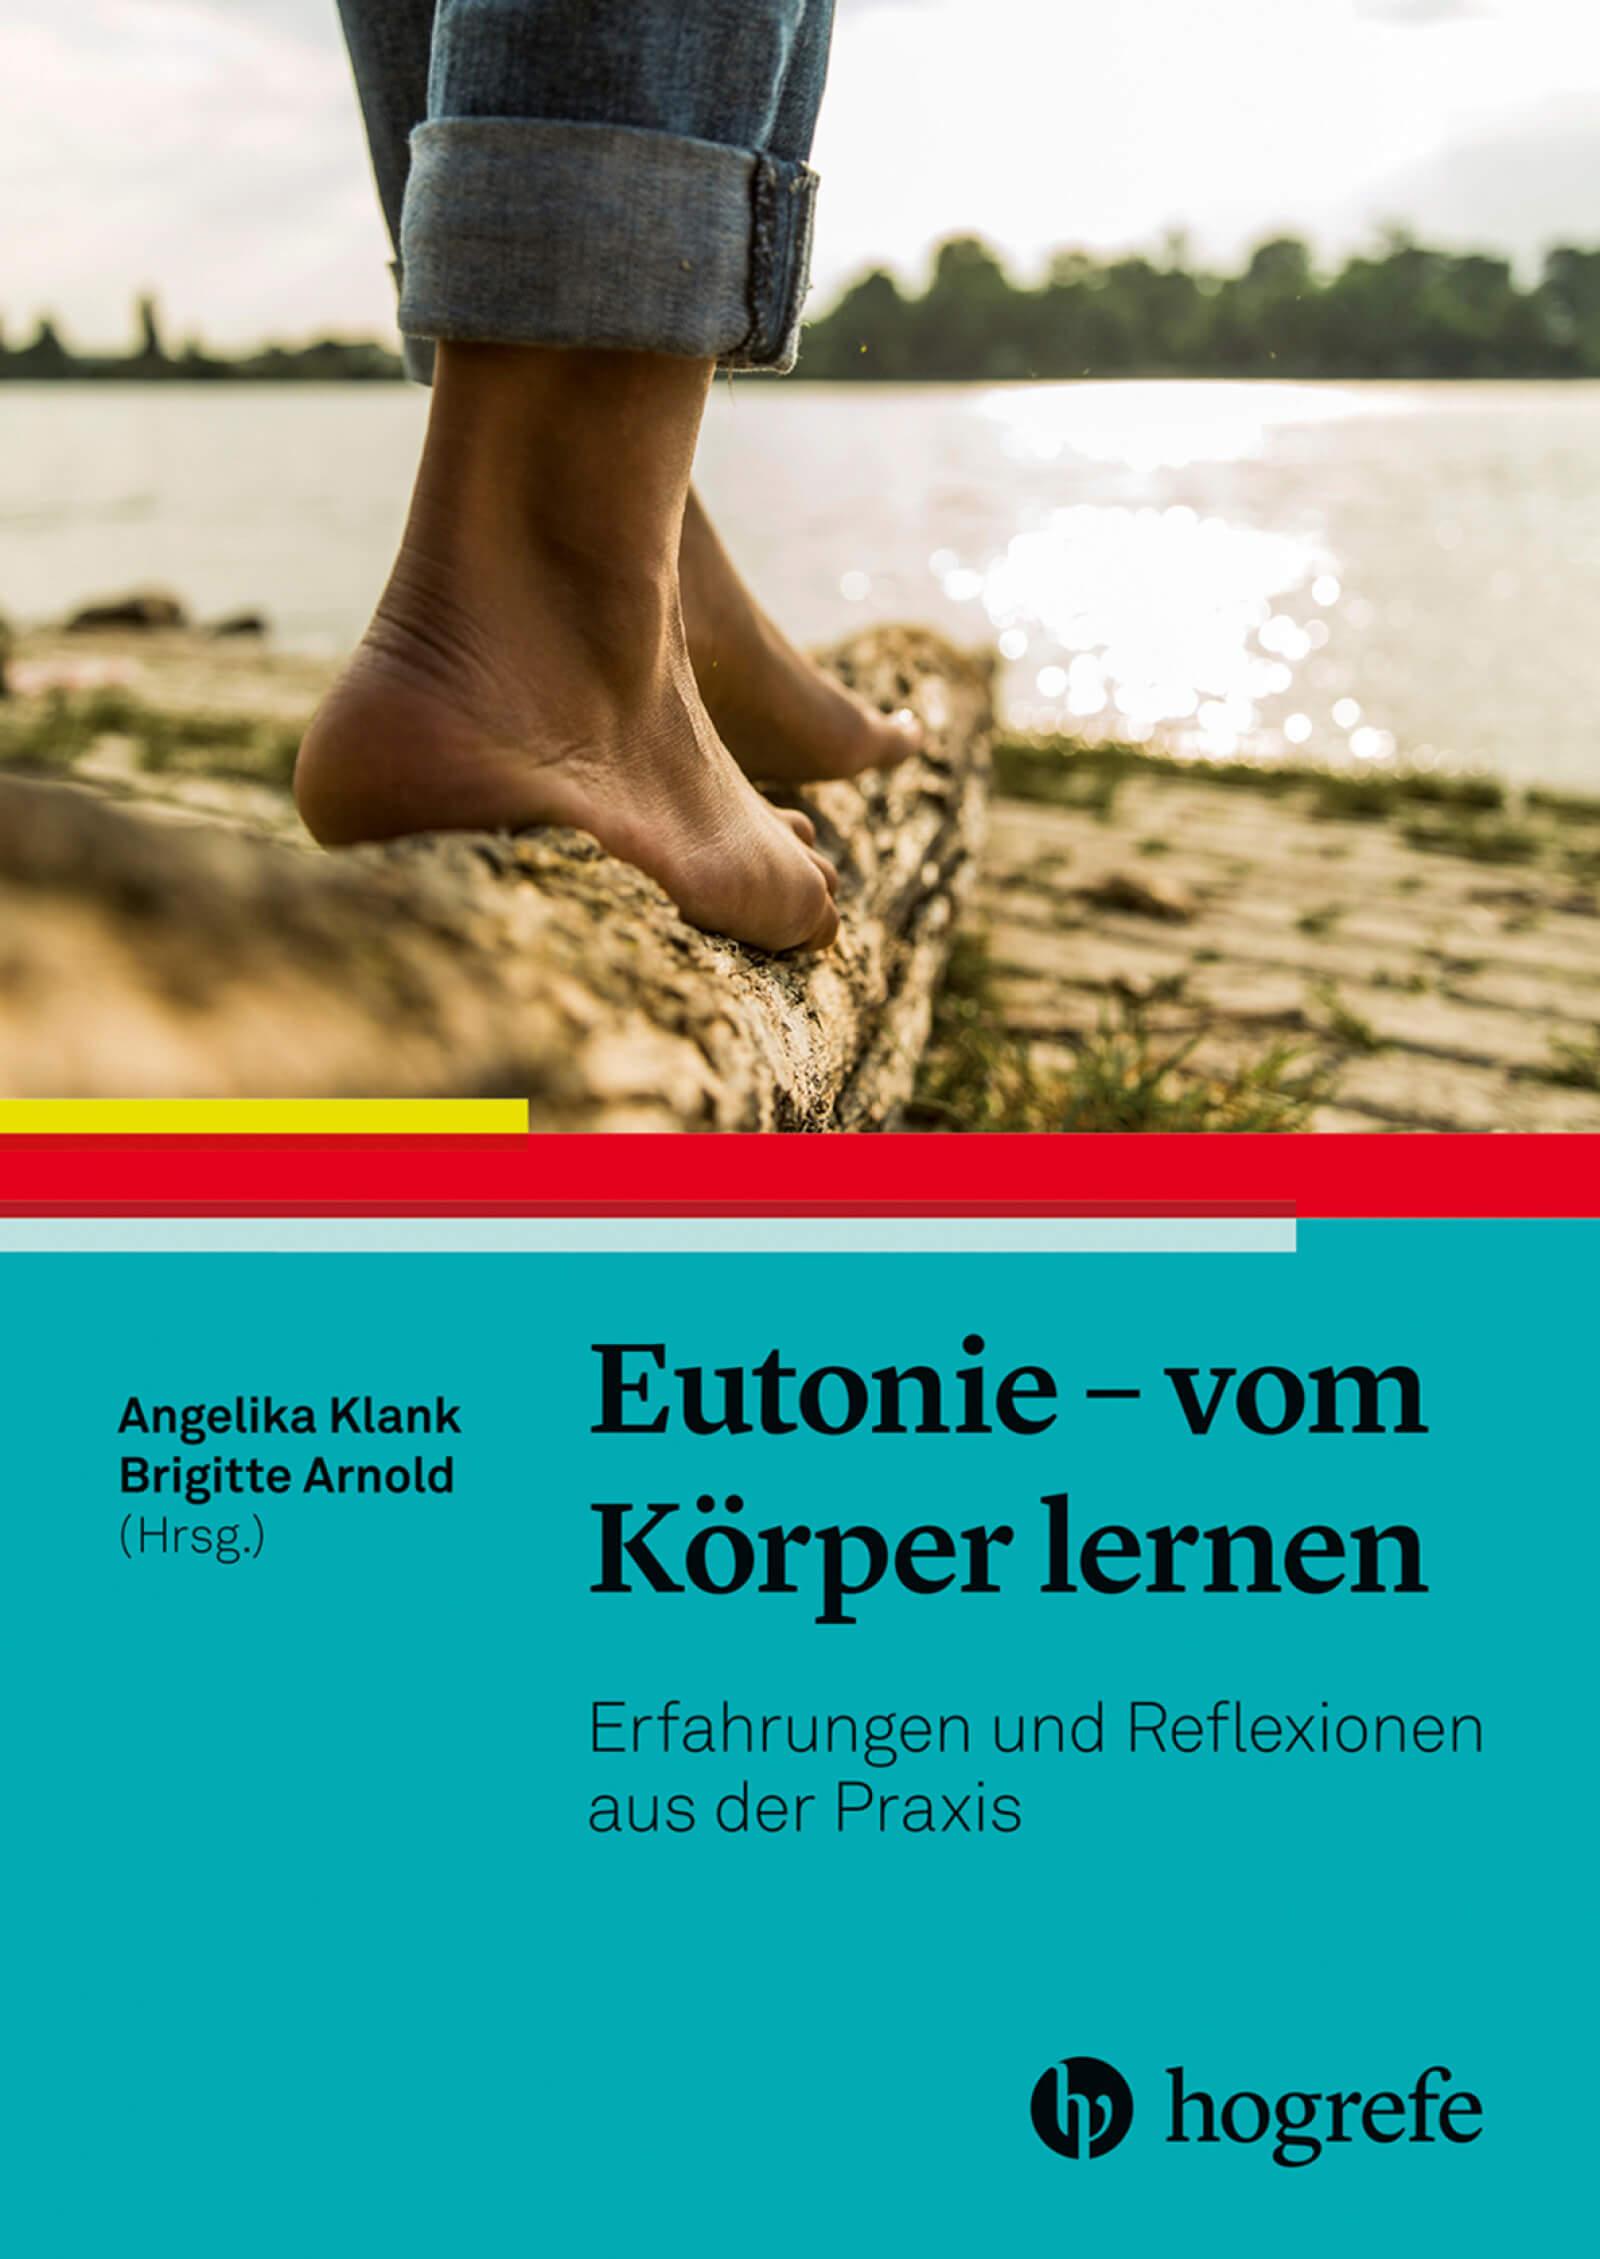 Eutonie - vom Körper lernen, Erfahrungen und Reflexionen aus der Praxis, Hogrefe Verlag 2021